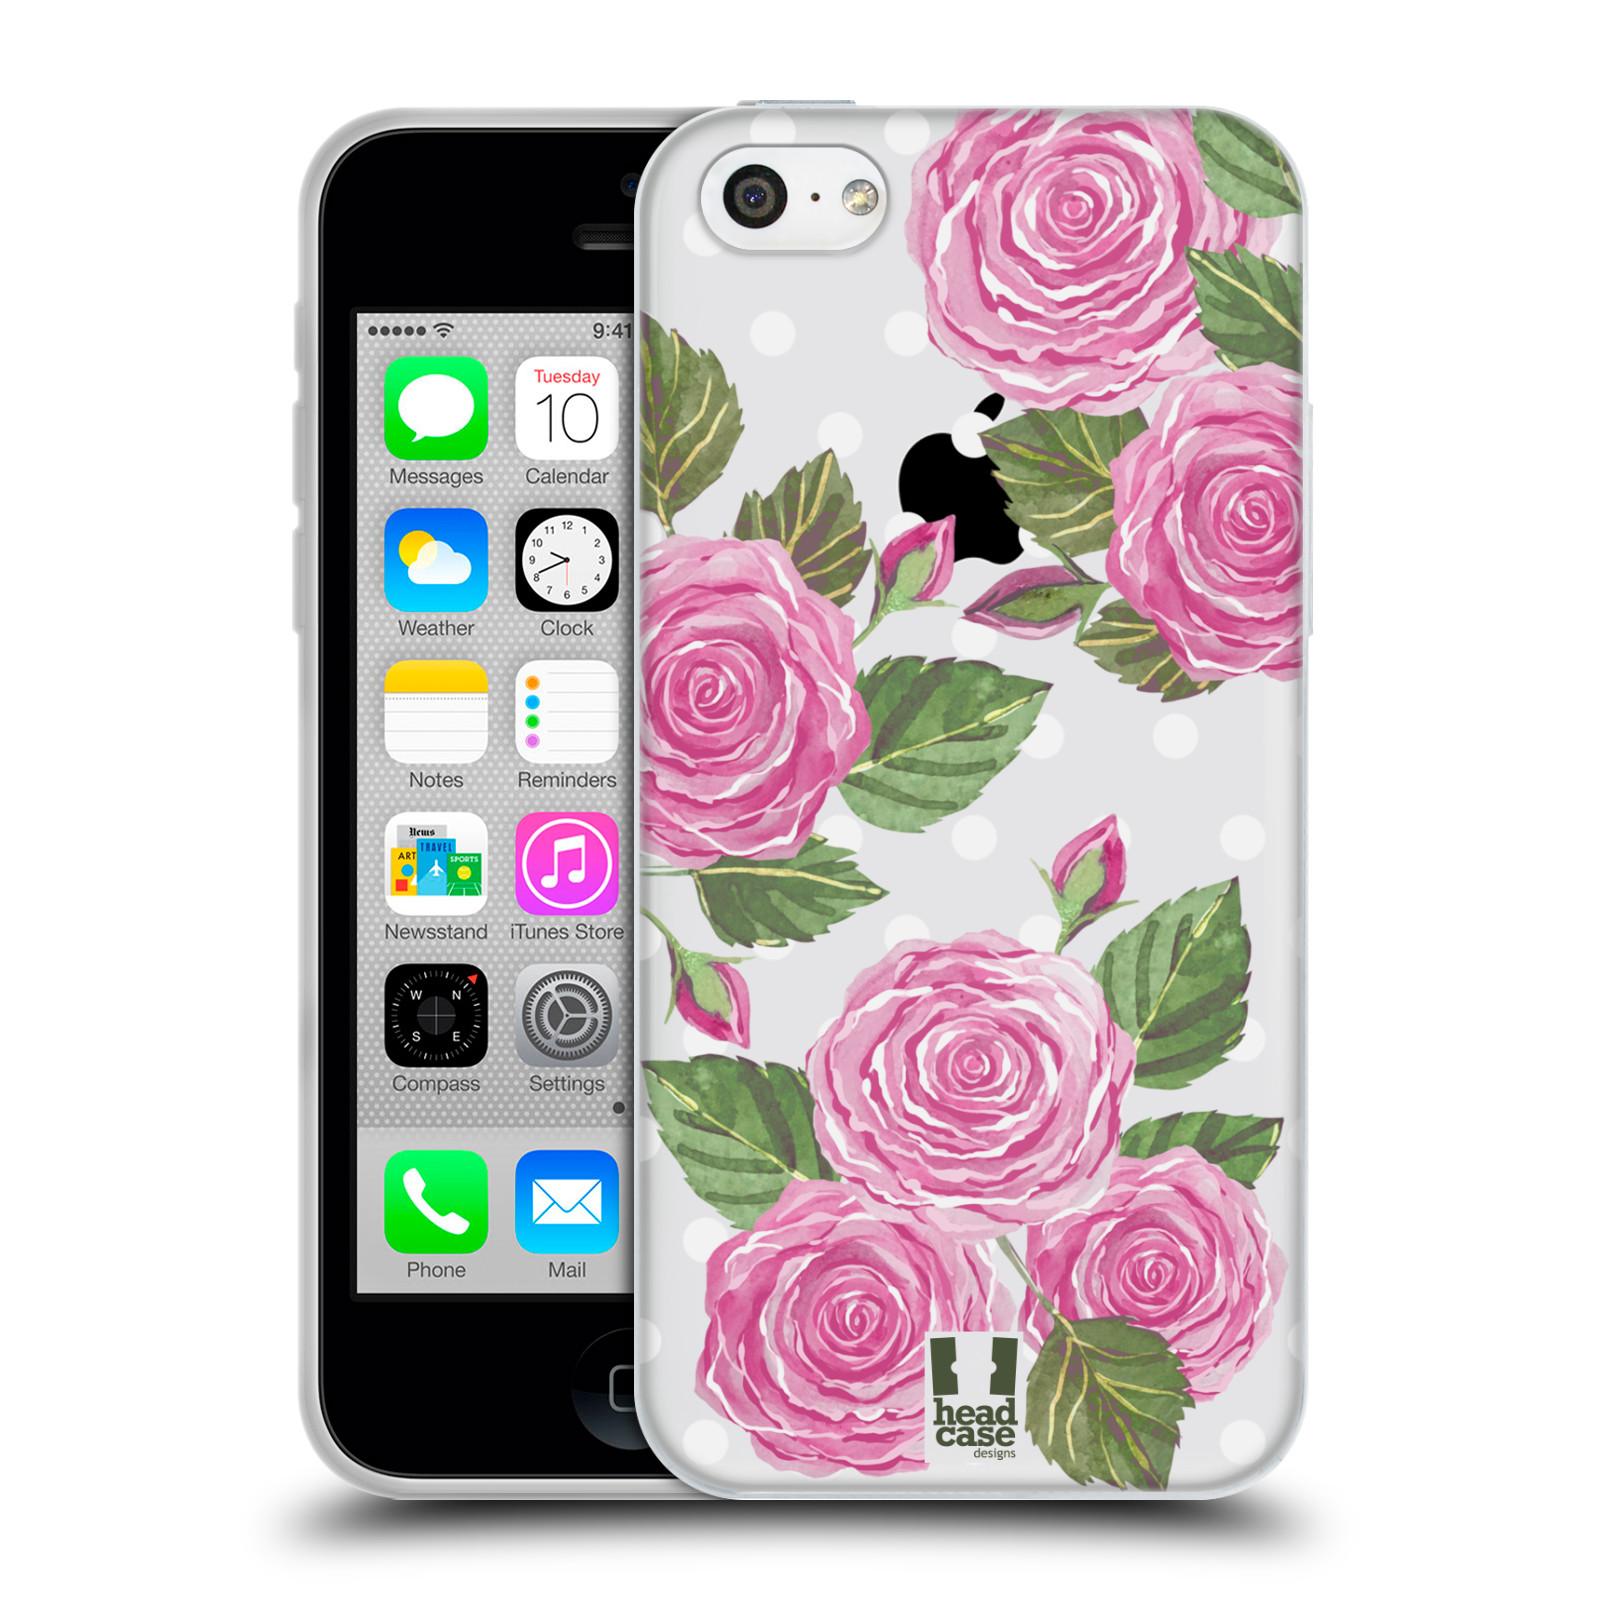 Silikonové pouzdro na mobil Apple iPhone 5C - Head Case - Hezoučké růžičky - průhledné